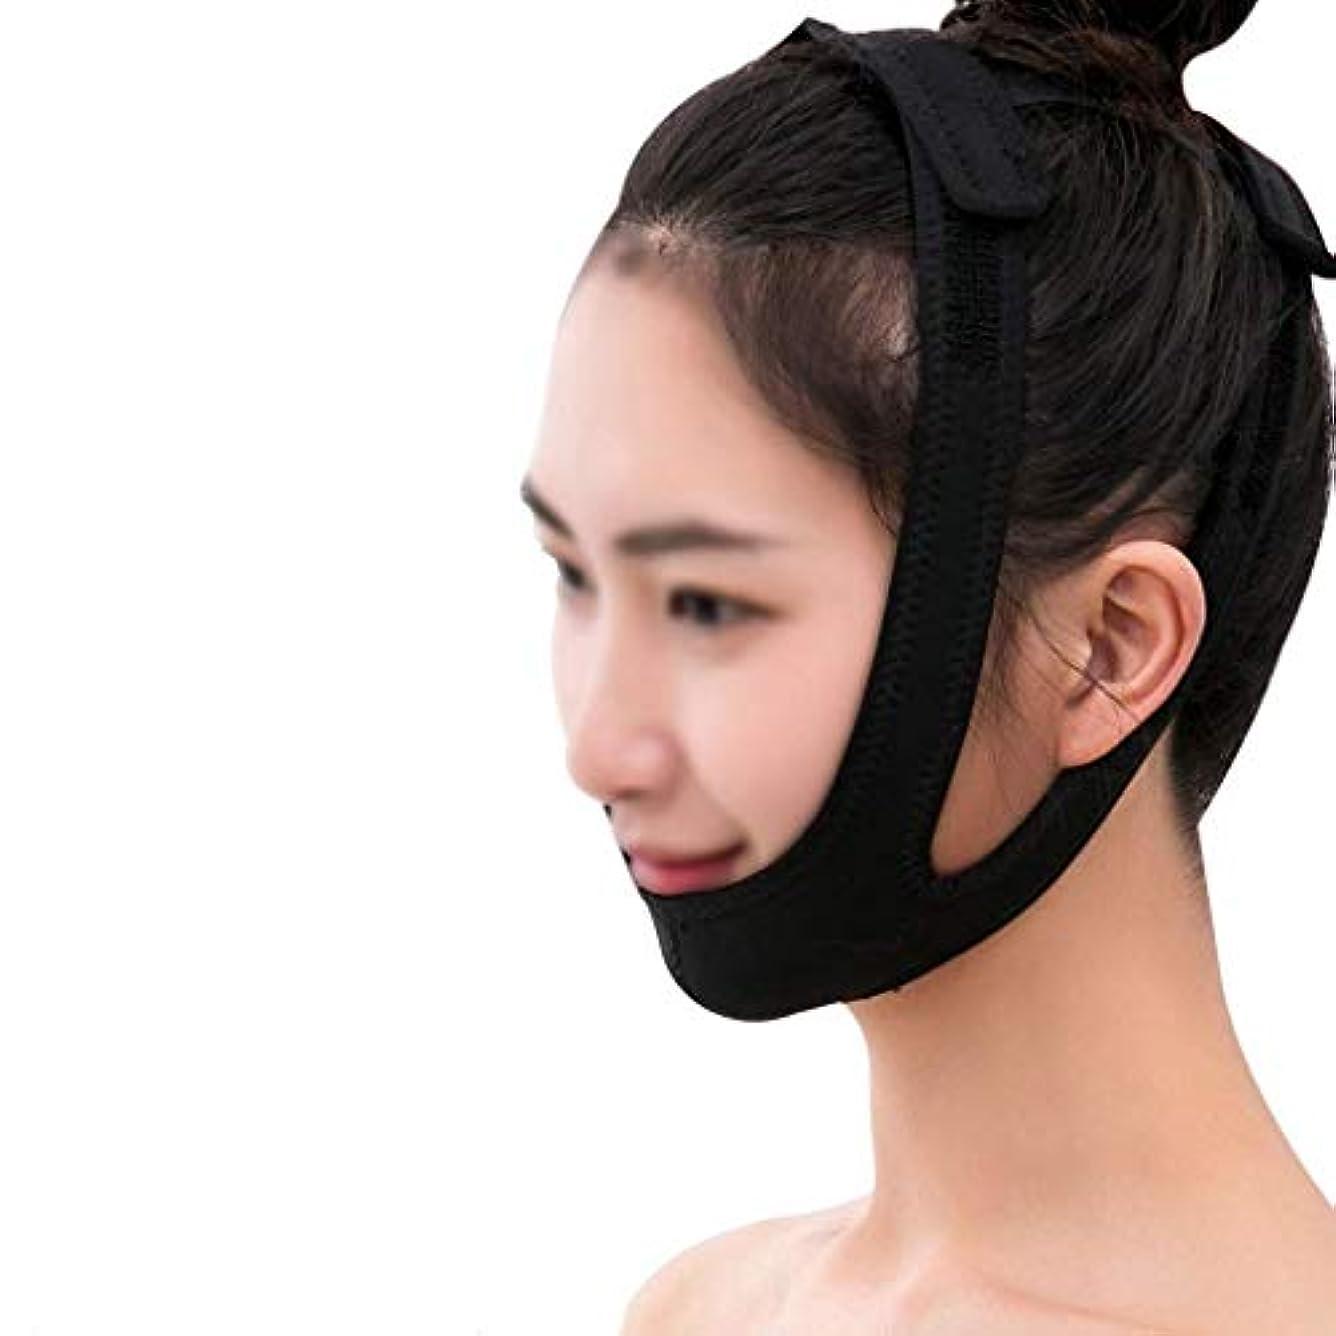 拒絶分配しますはがきフェイシャルリフティングマスク、医療用ワイヤーカービングリカバリーヘッドギアVフェイスバンデージダブルチンフェイスリフトマスク